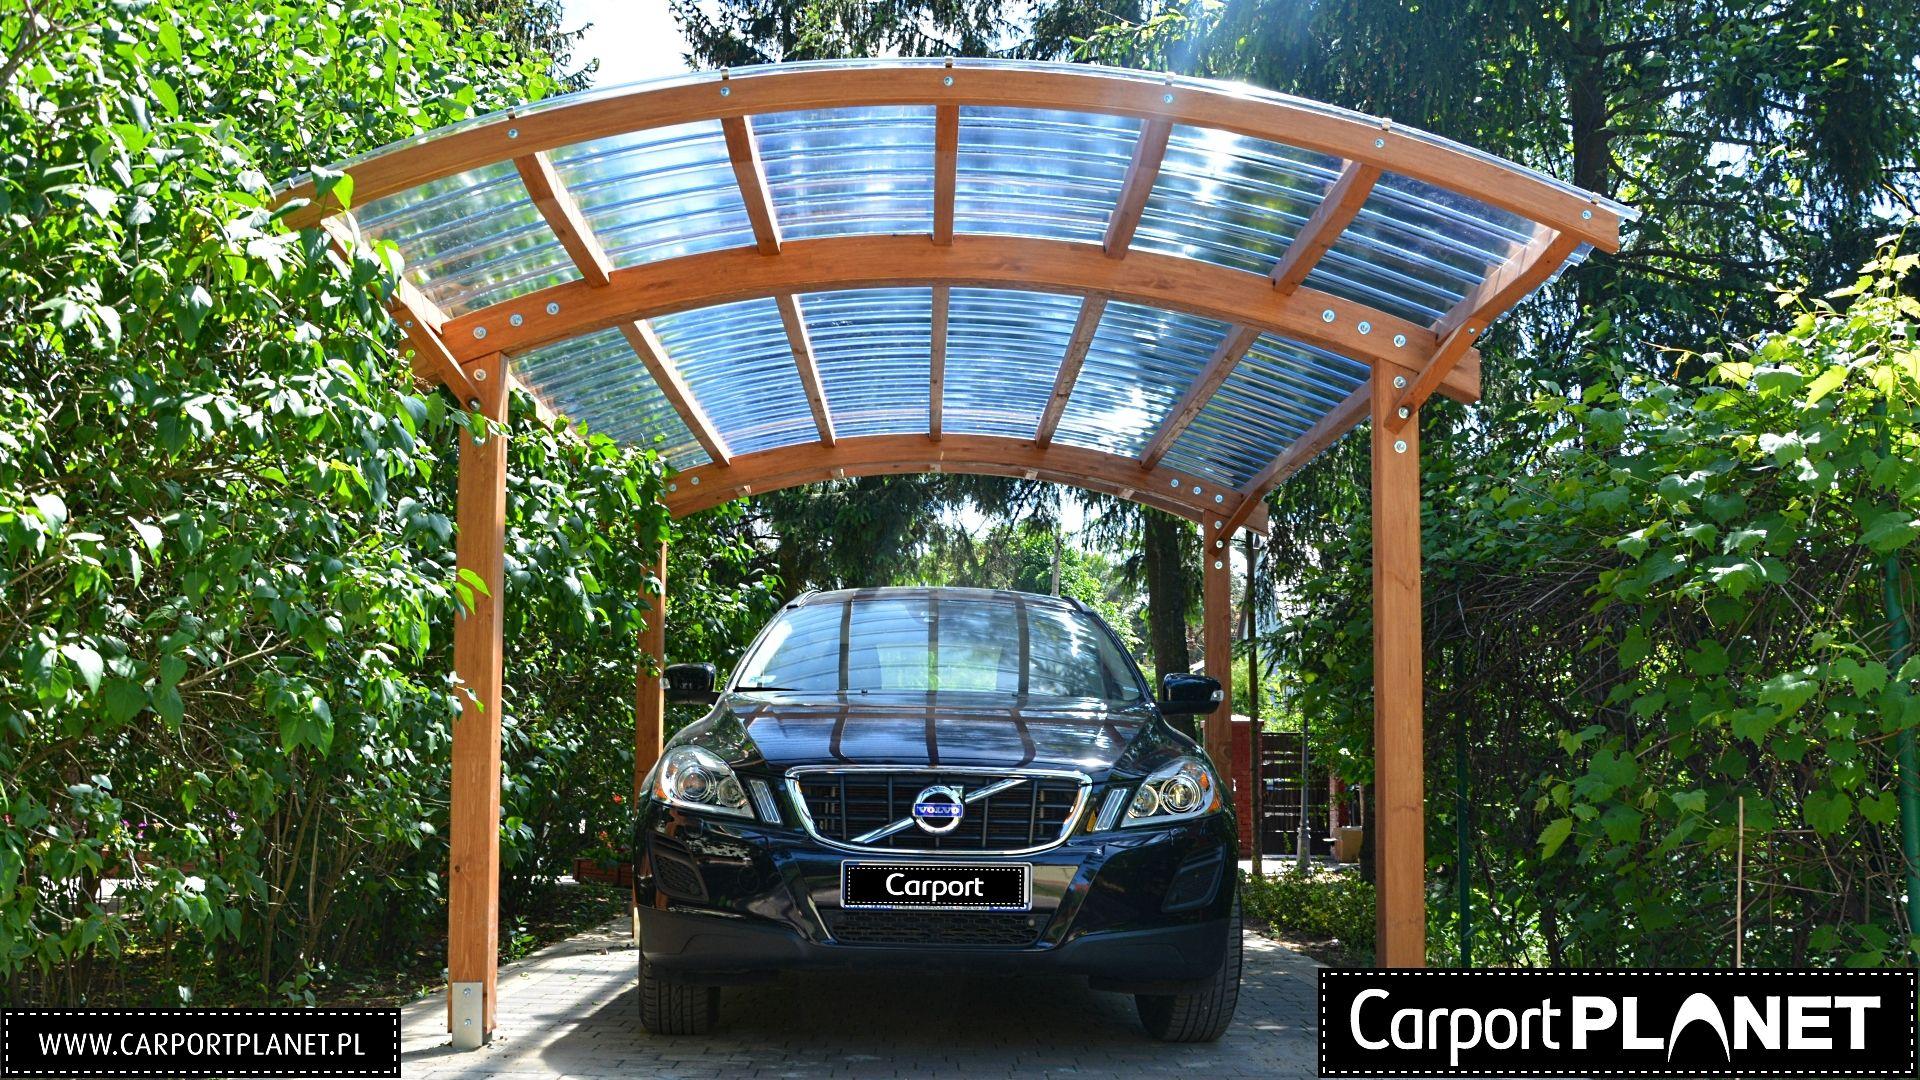 Wiata Garazowa Wiata Samochodowa Wiata Na Samochod Wiata Drewniana Zadaszenie Samochodu Zadaszenie Nad Samochod Zadasz Pergola Outdoor Structures Outdoor